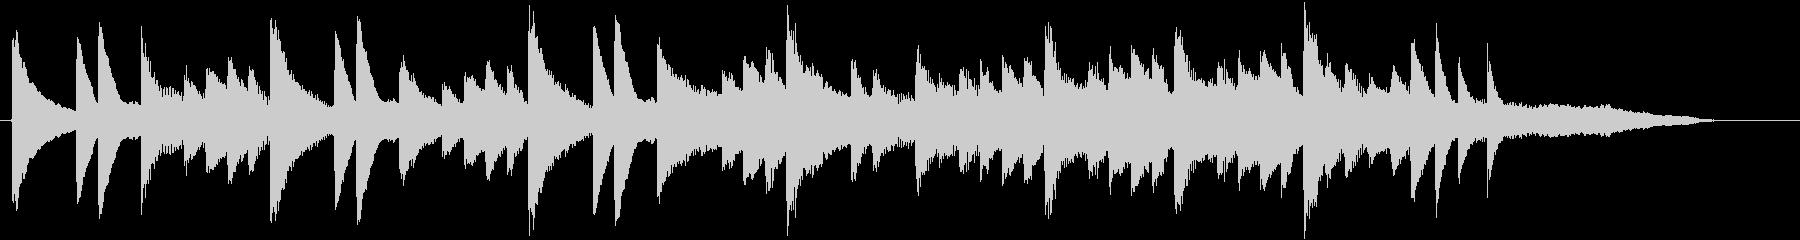 きよしこのよるモチーフのピアノジングルBの未再生の波形